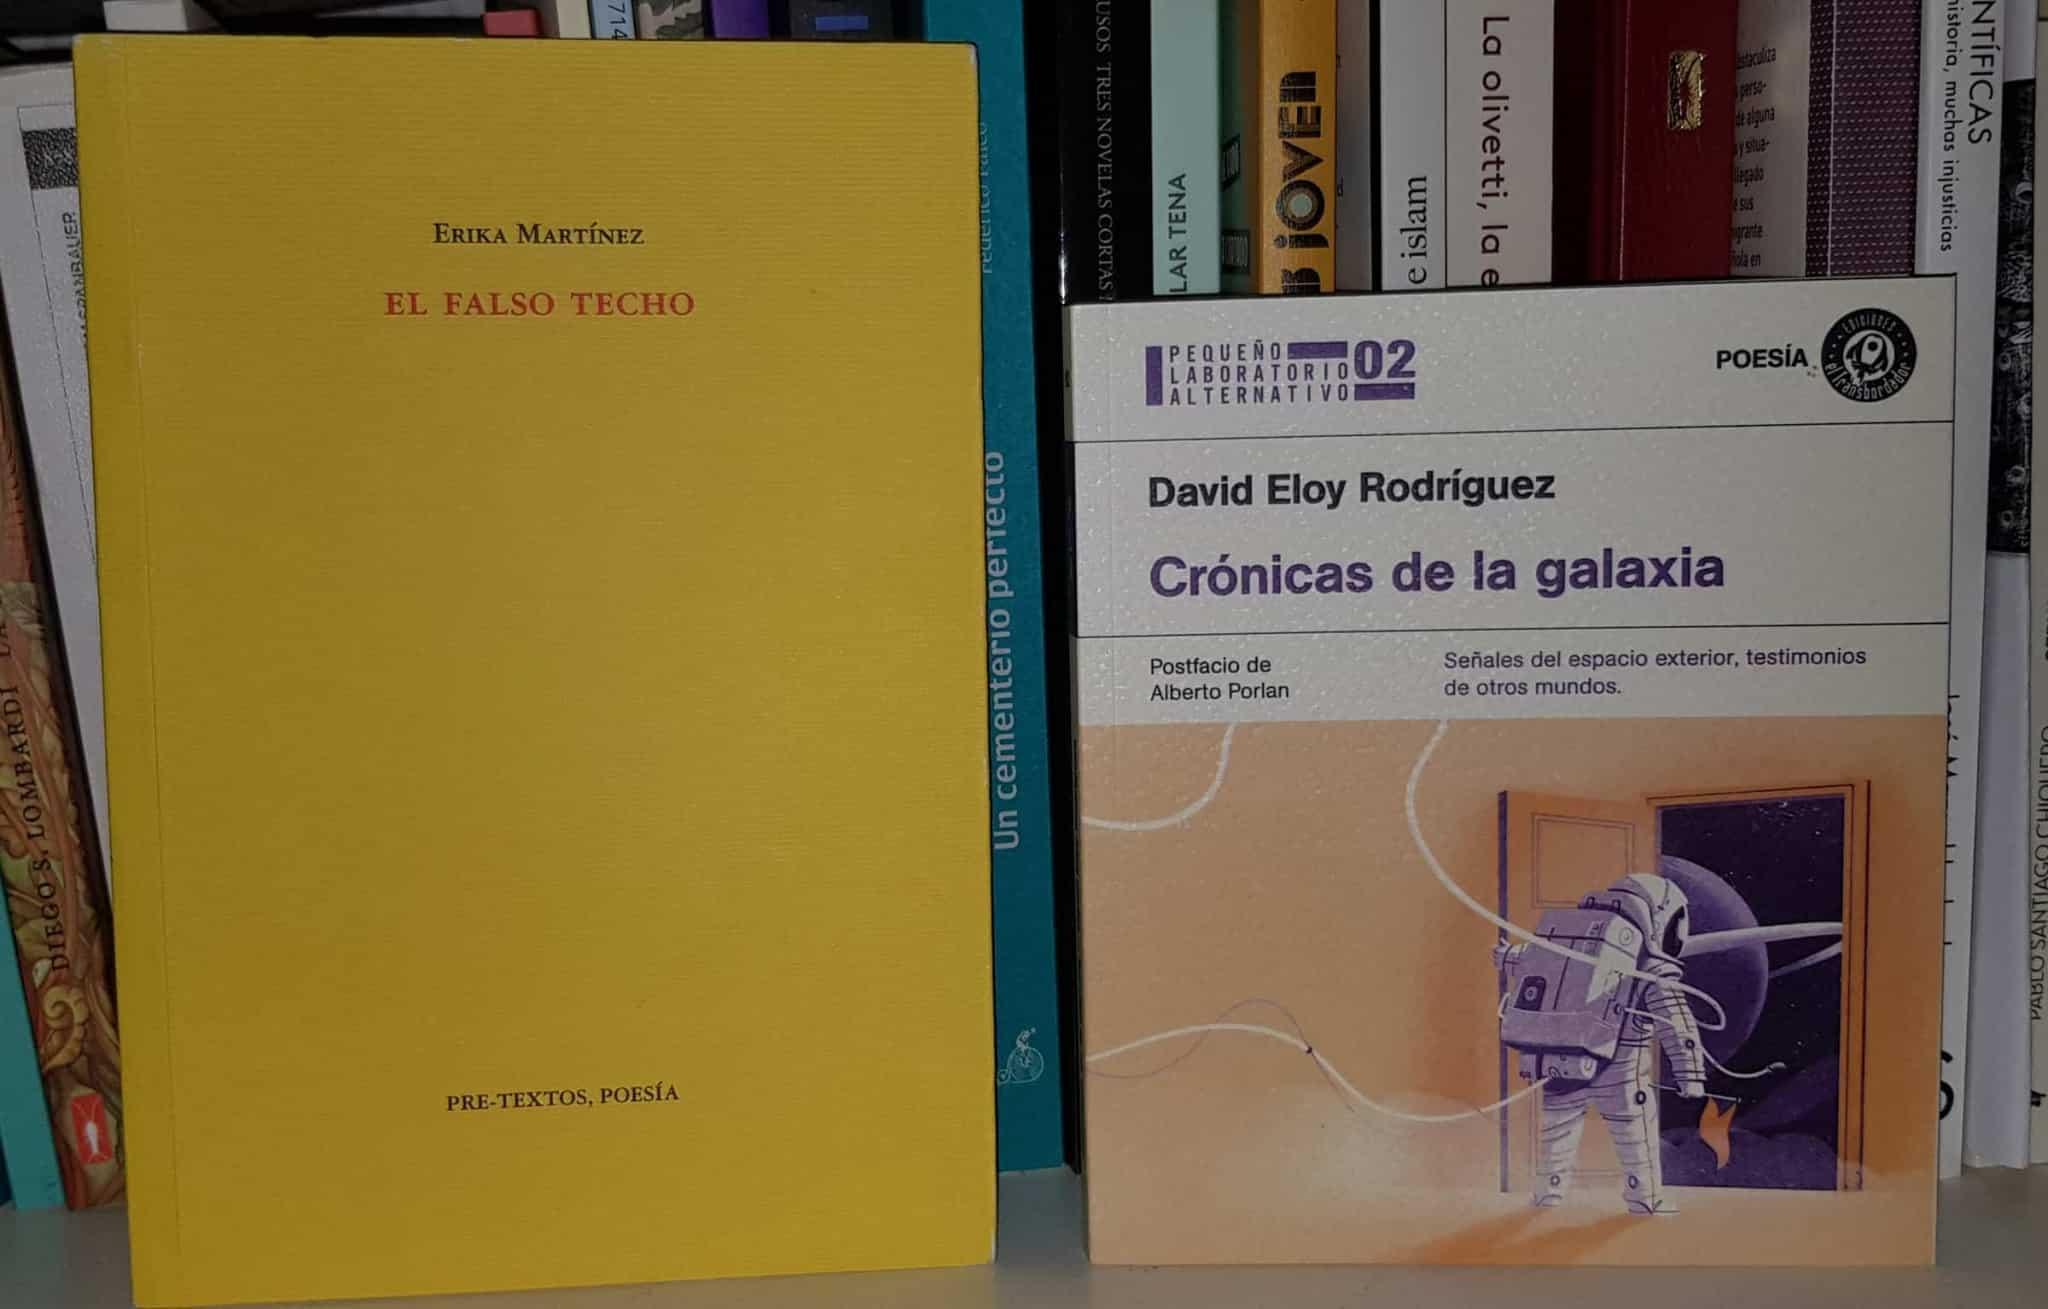 Editoriales de poesía en España